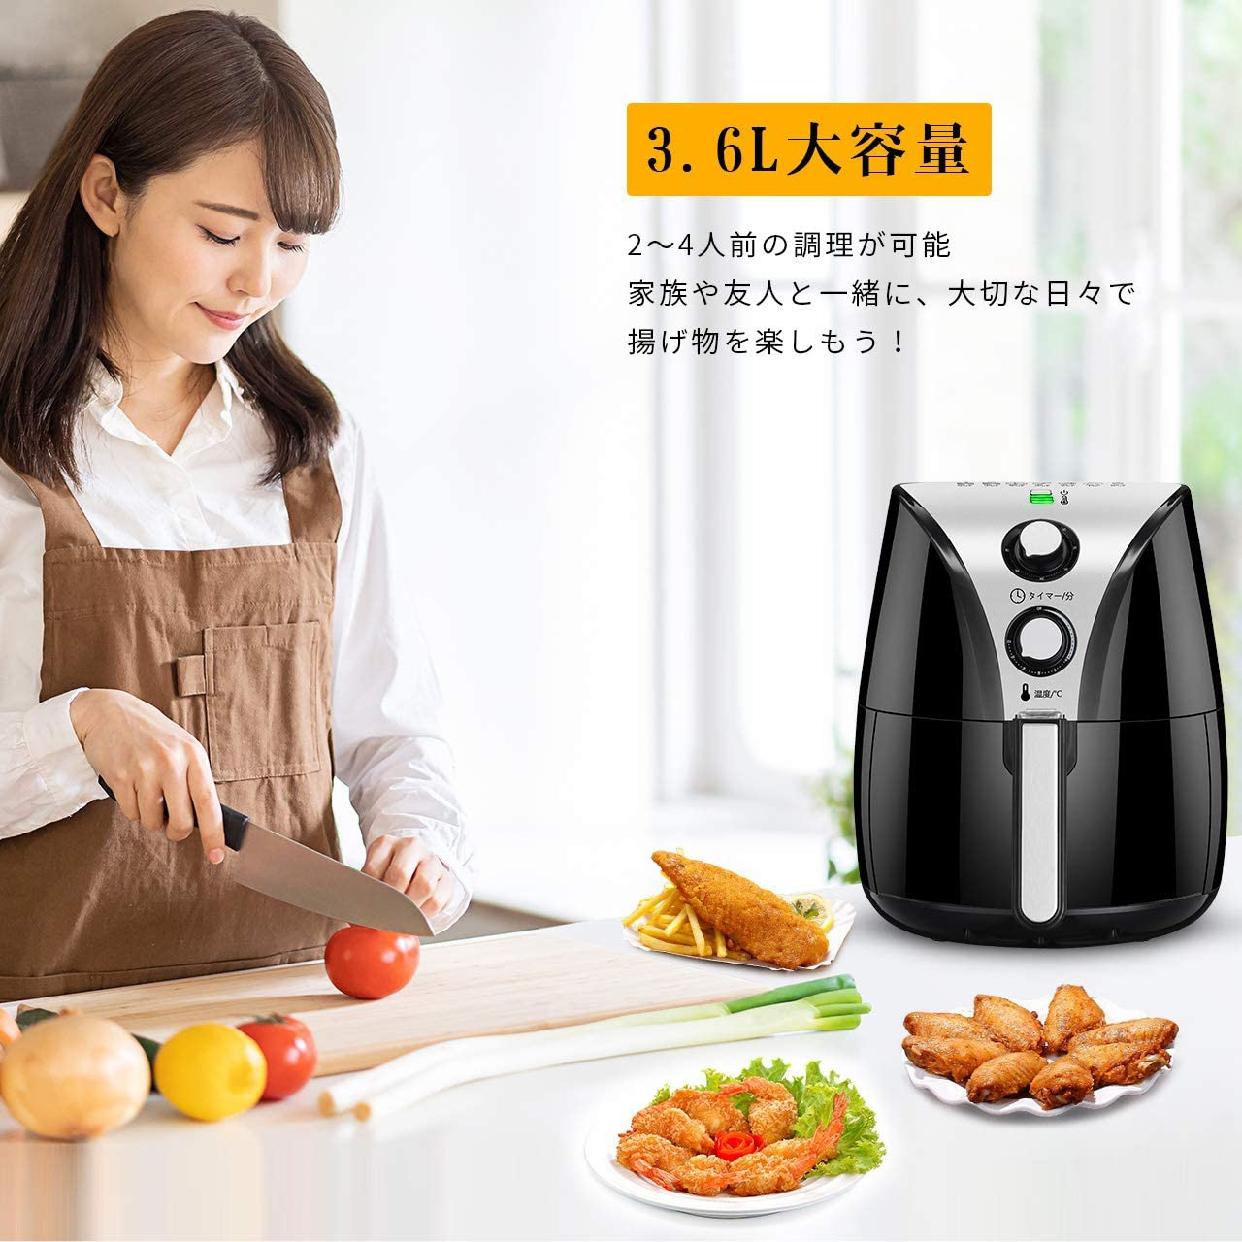 IKICH(イキチ)フライヤー 3.6L ブラックの商品画像3